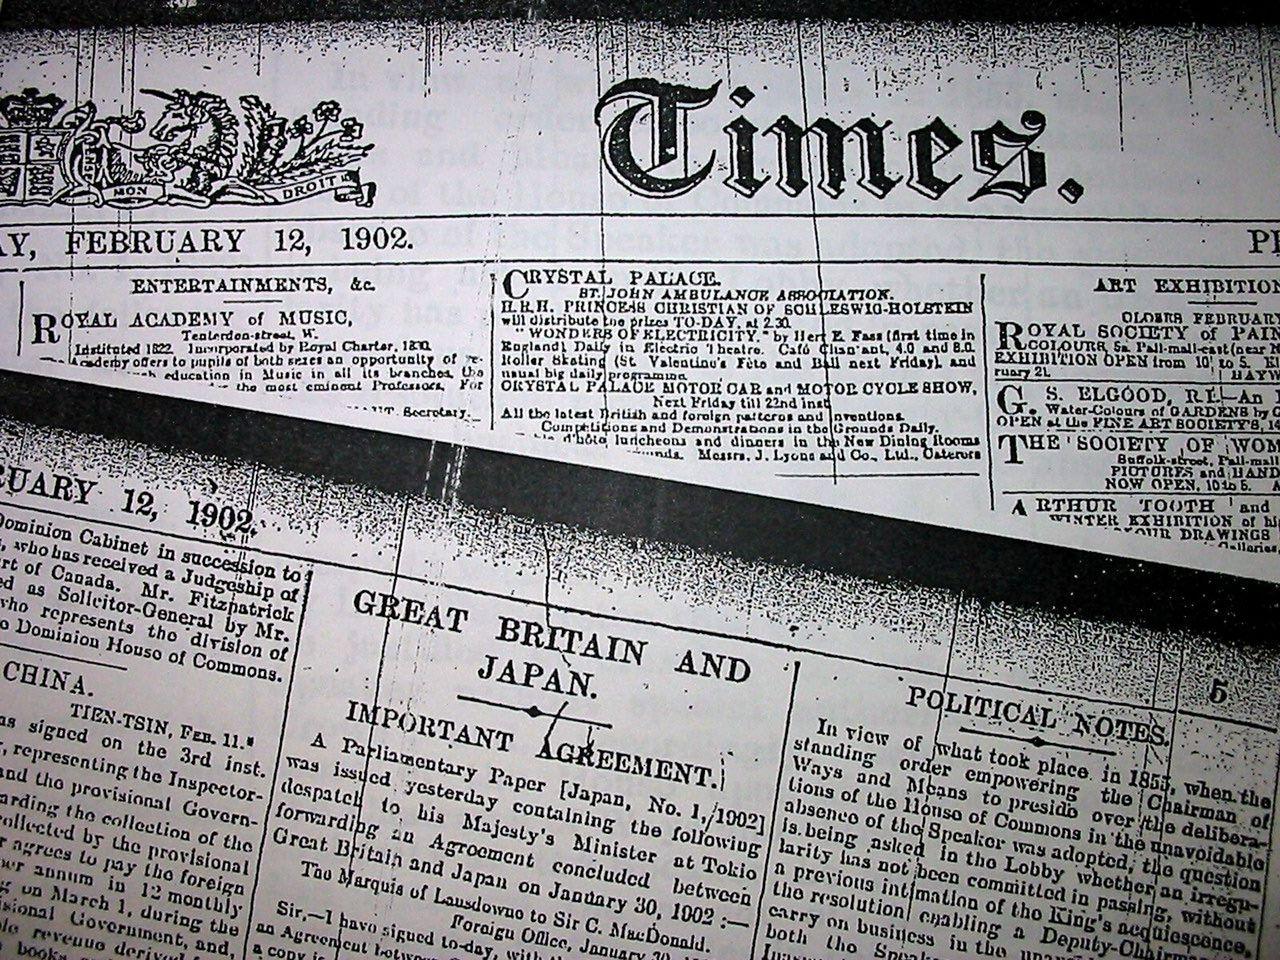 Экземпляр британской газеты «Таймс» от 12 февраля 1902 года с сообщением о заключении альянса Японии и Великобритании из собрания газетного филиала Британской библиотеки (© Jiji Press)